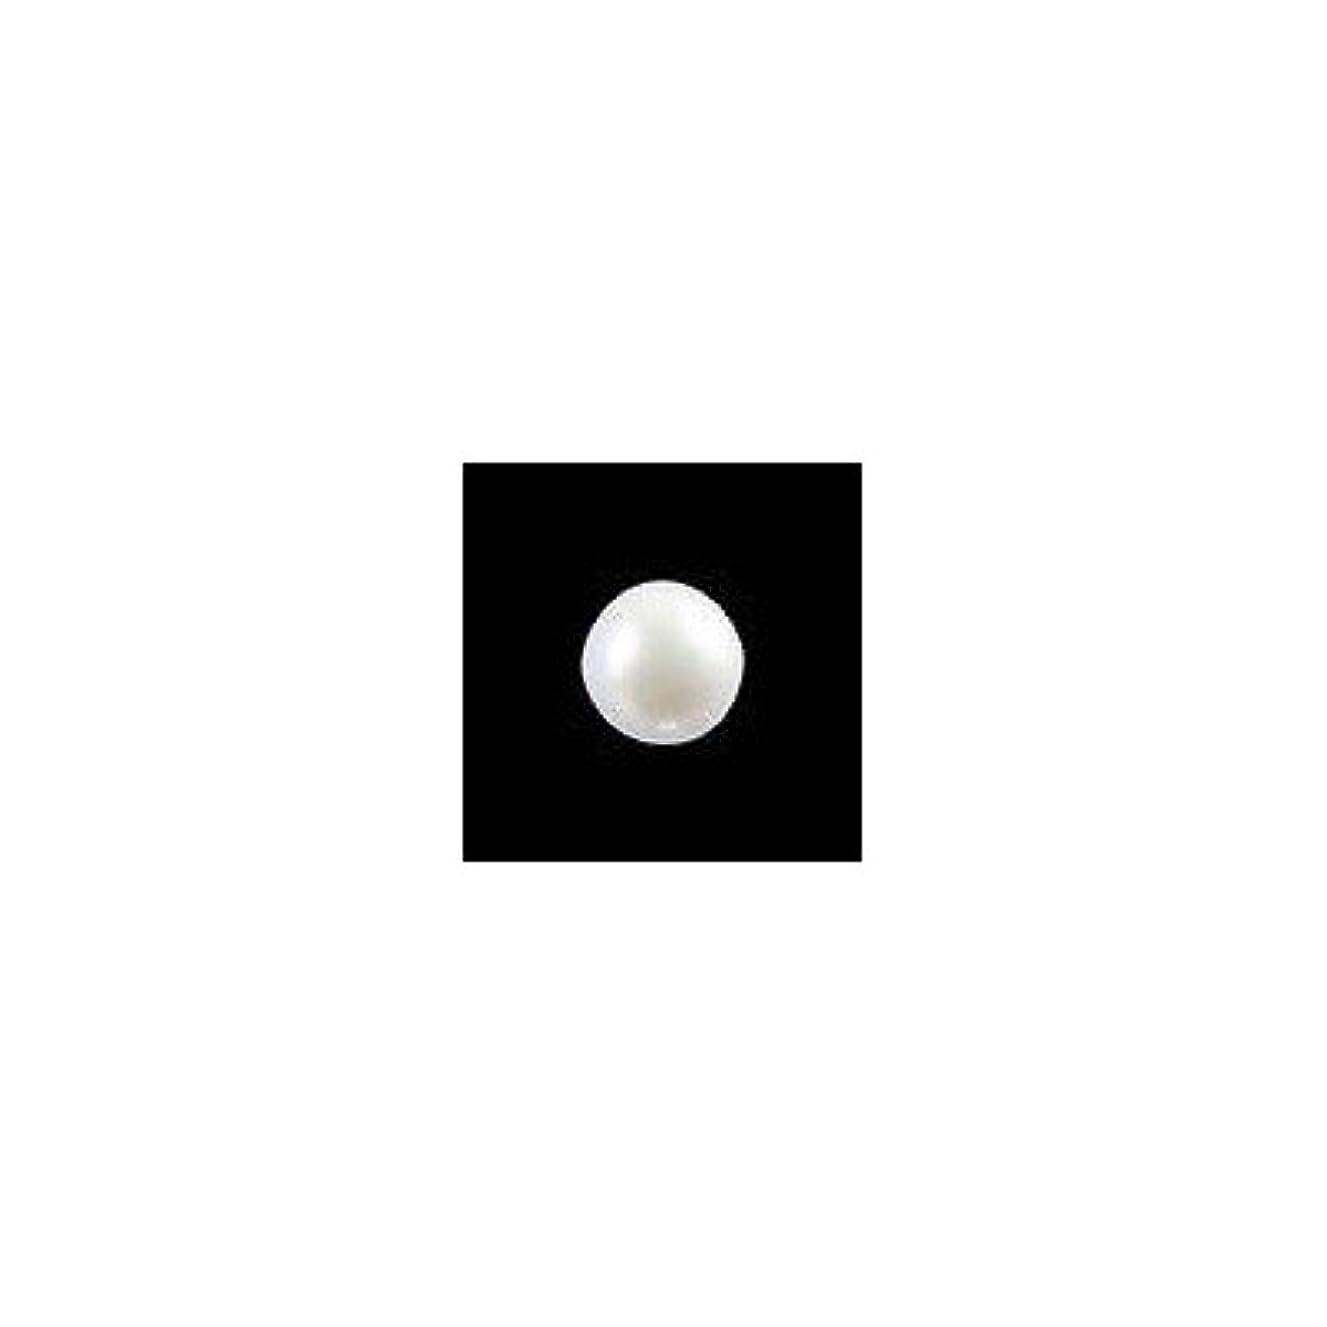 クラウンゲスト暴動ピアドラ 大粒パール ラウンド(4mm)24P